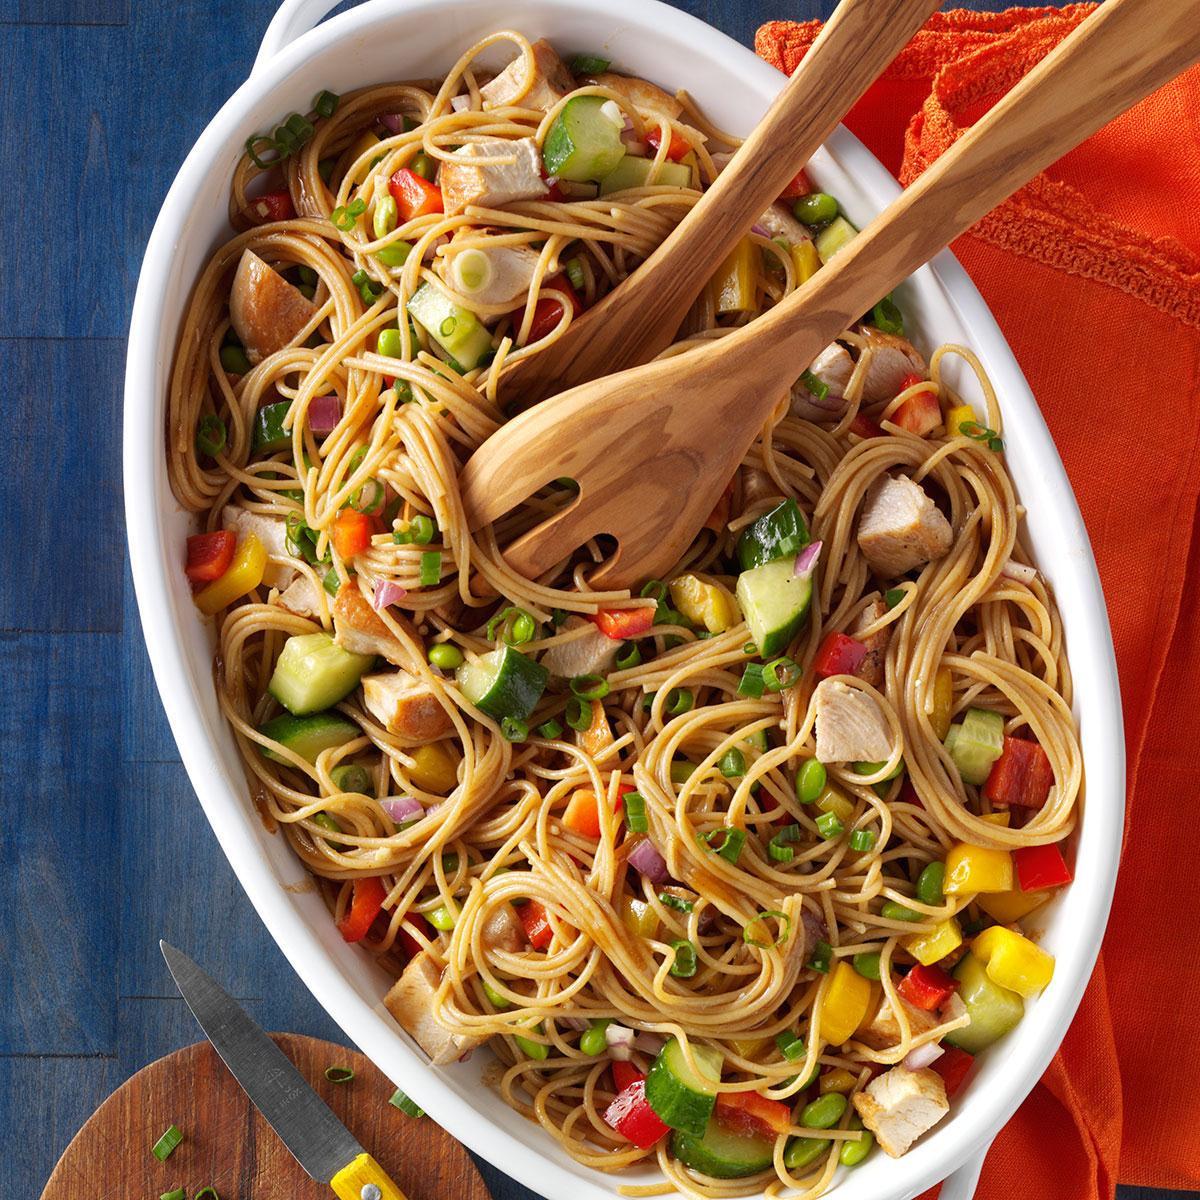 Spaghetti Salad Recipes  Gingered Spaghetti Salad Recipe